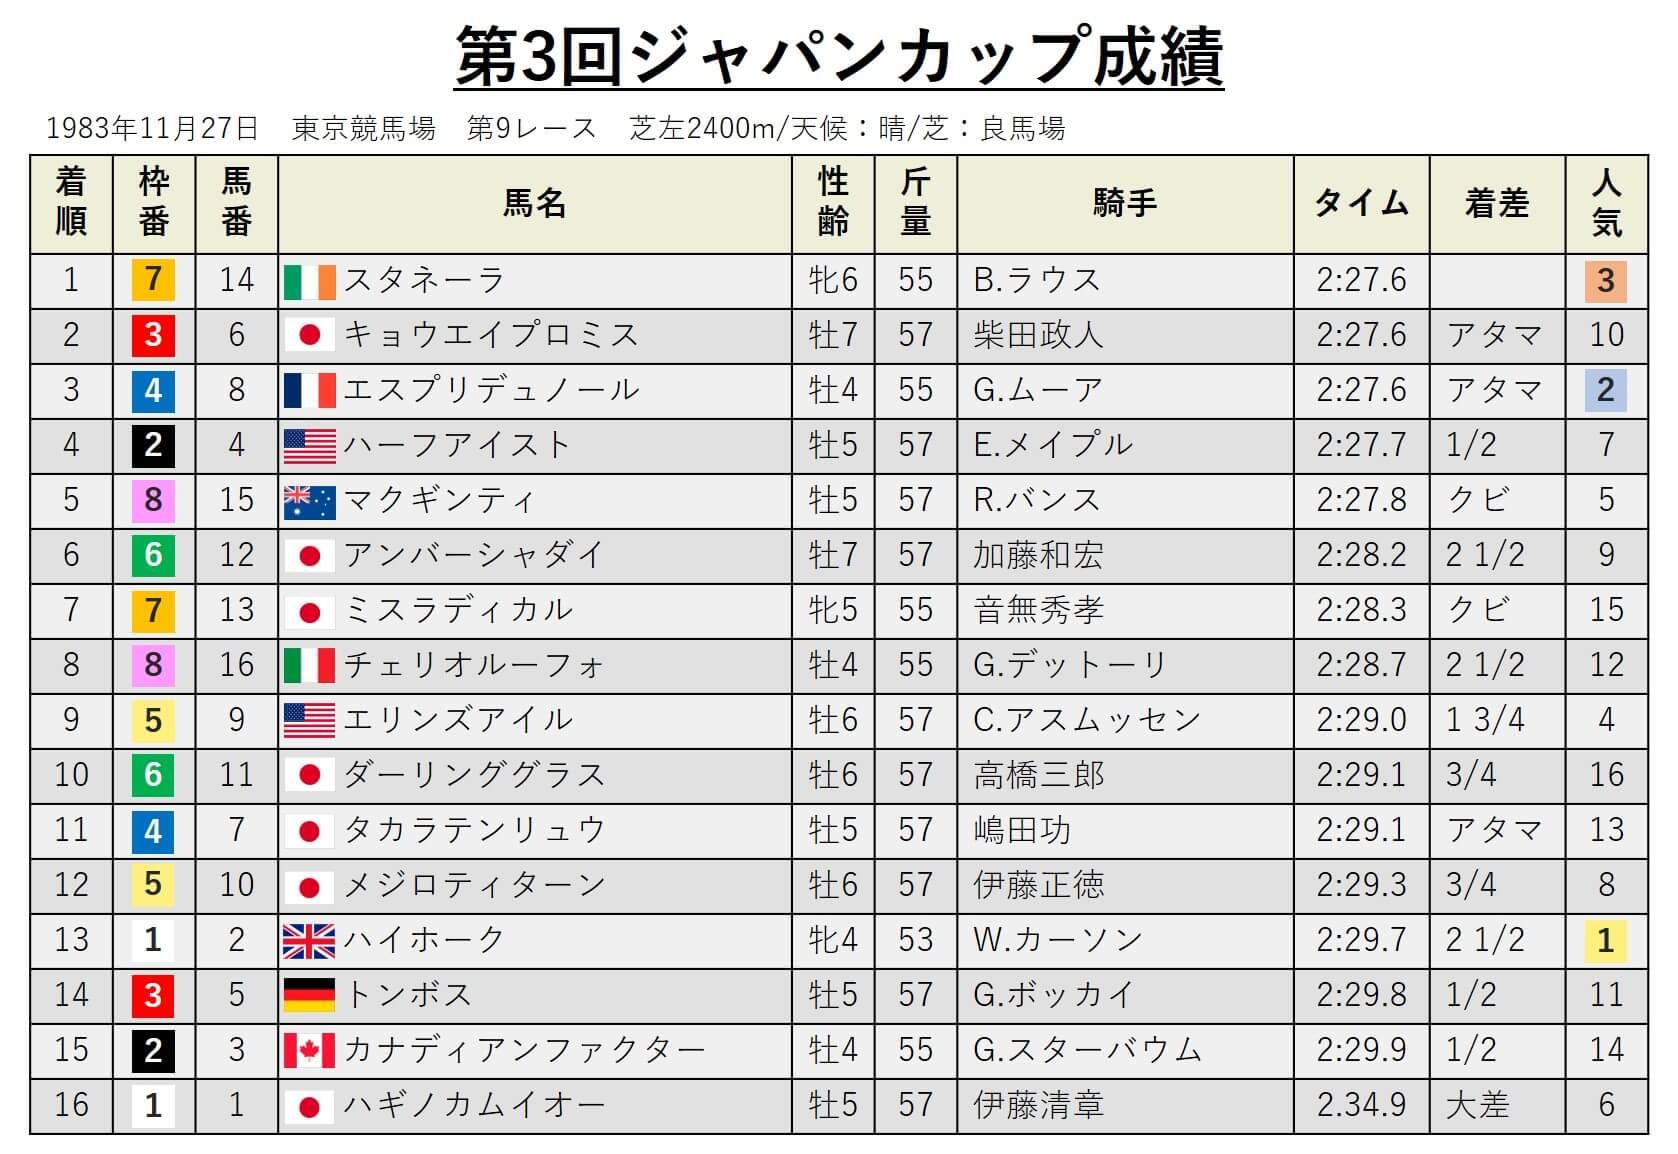 第3回ジャパンカップ・データ